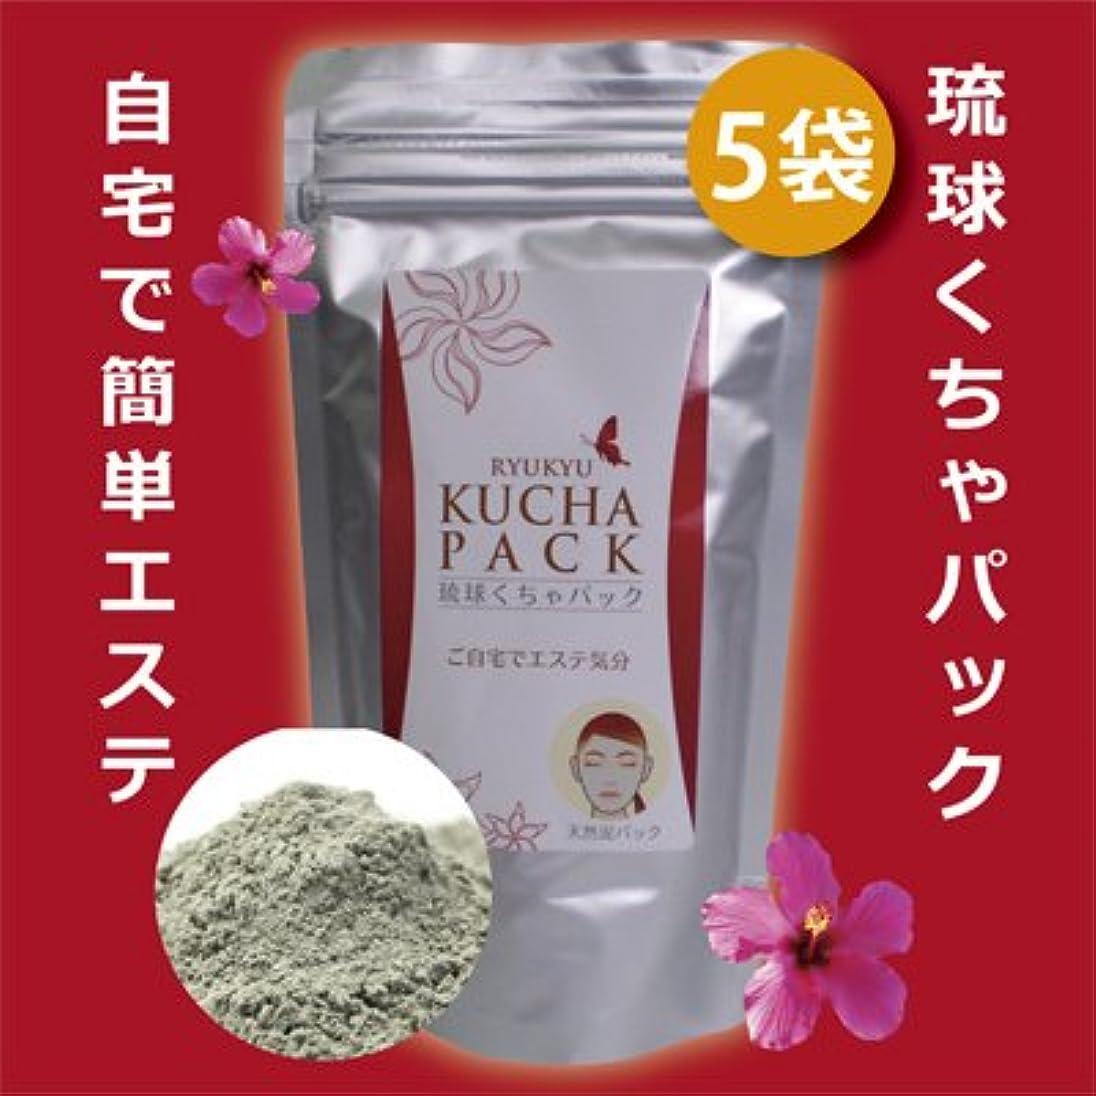 相関する協力的涙美肌 健康作り 月桃水を加えた使いやすい粉末 沖縄産 琉球くちゃパック 150g 5パック